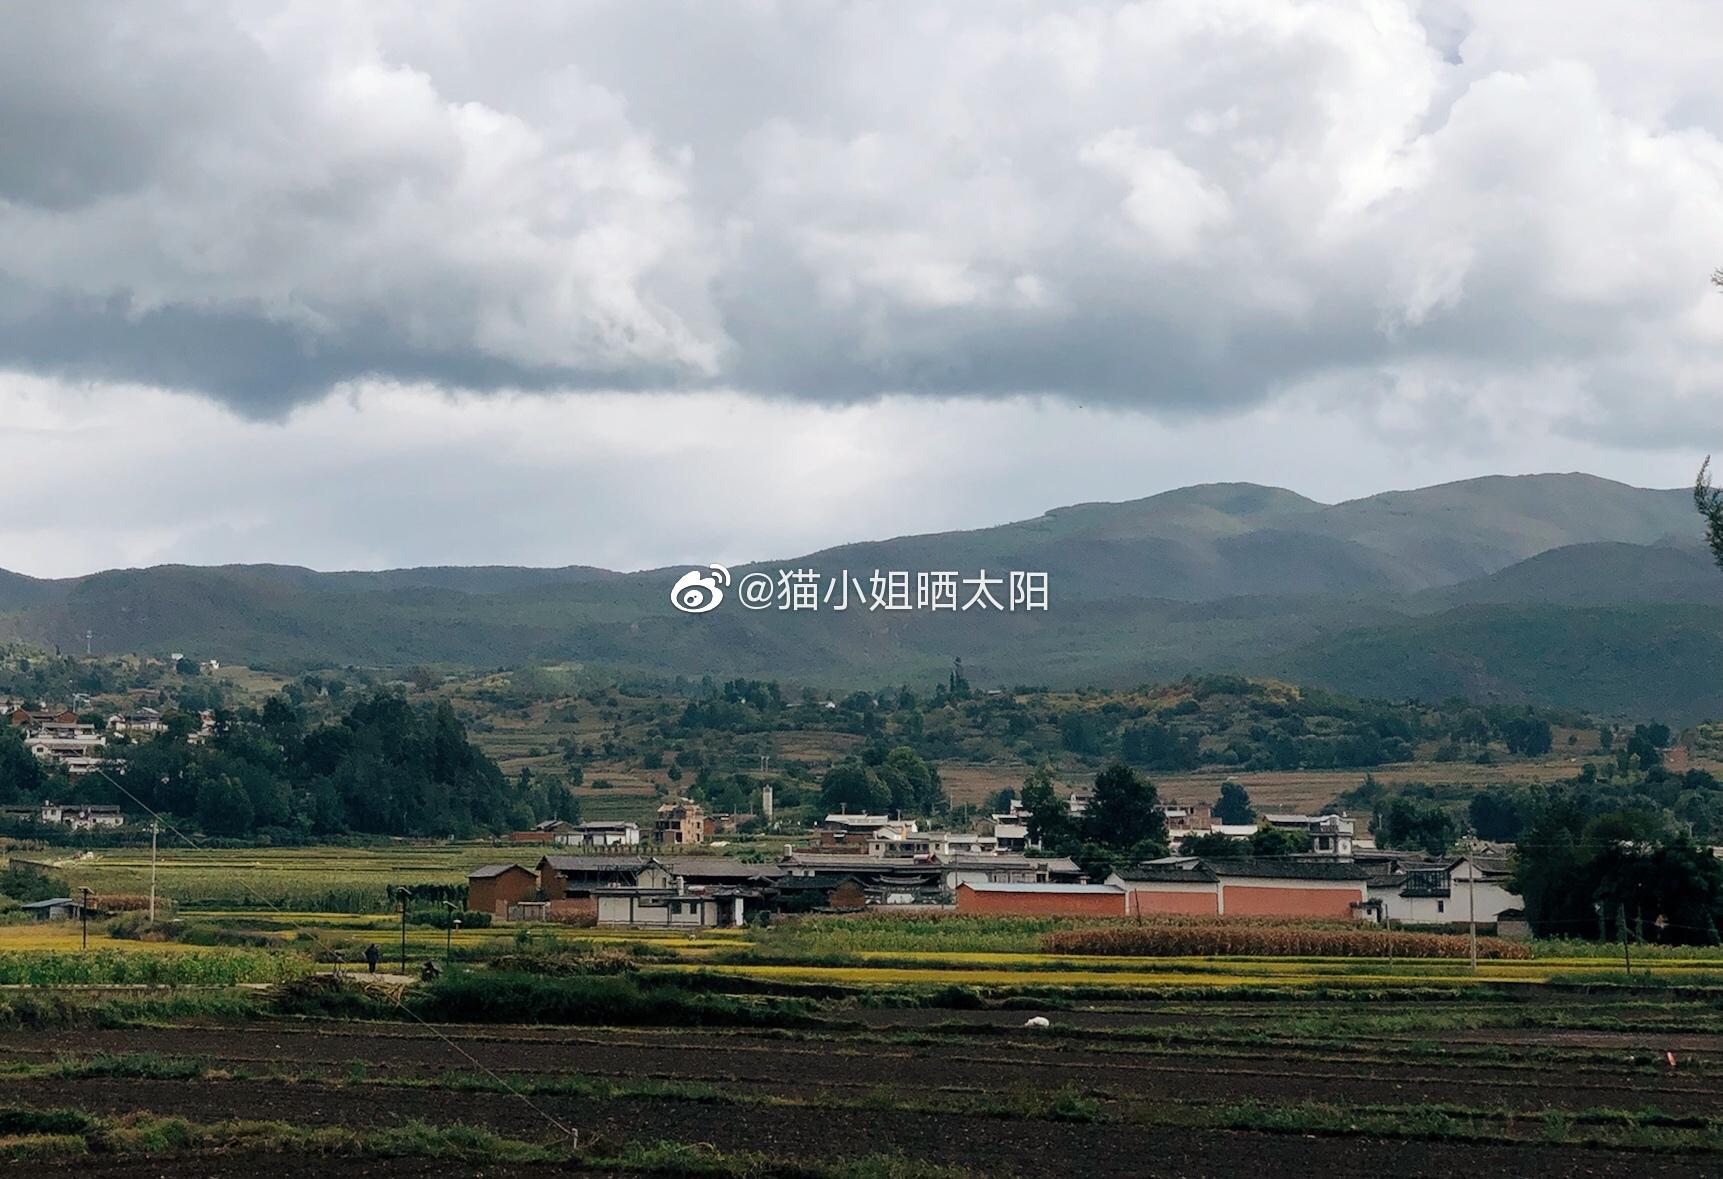 这里是和庞贝古城齐名的边陲小镇,静悄悄的存在